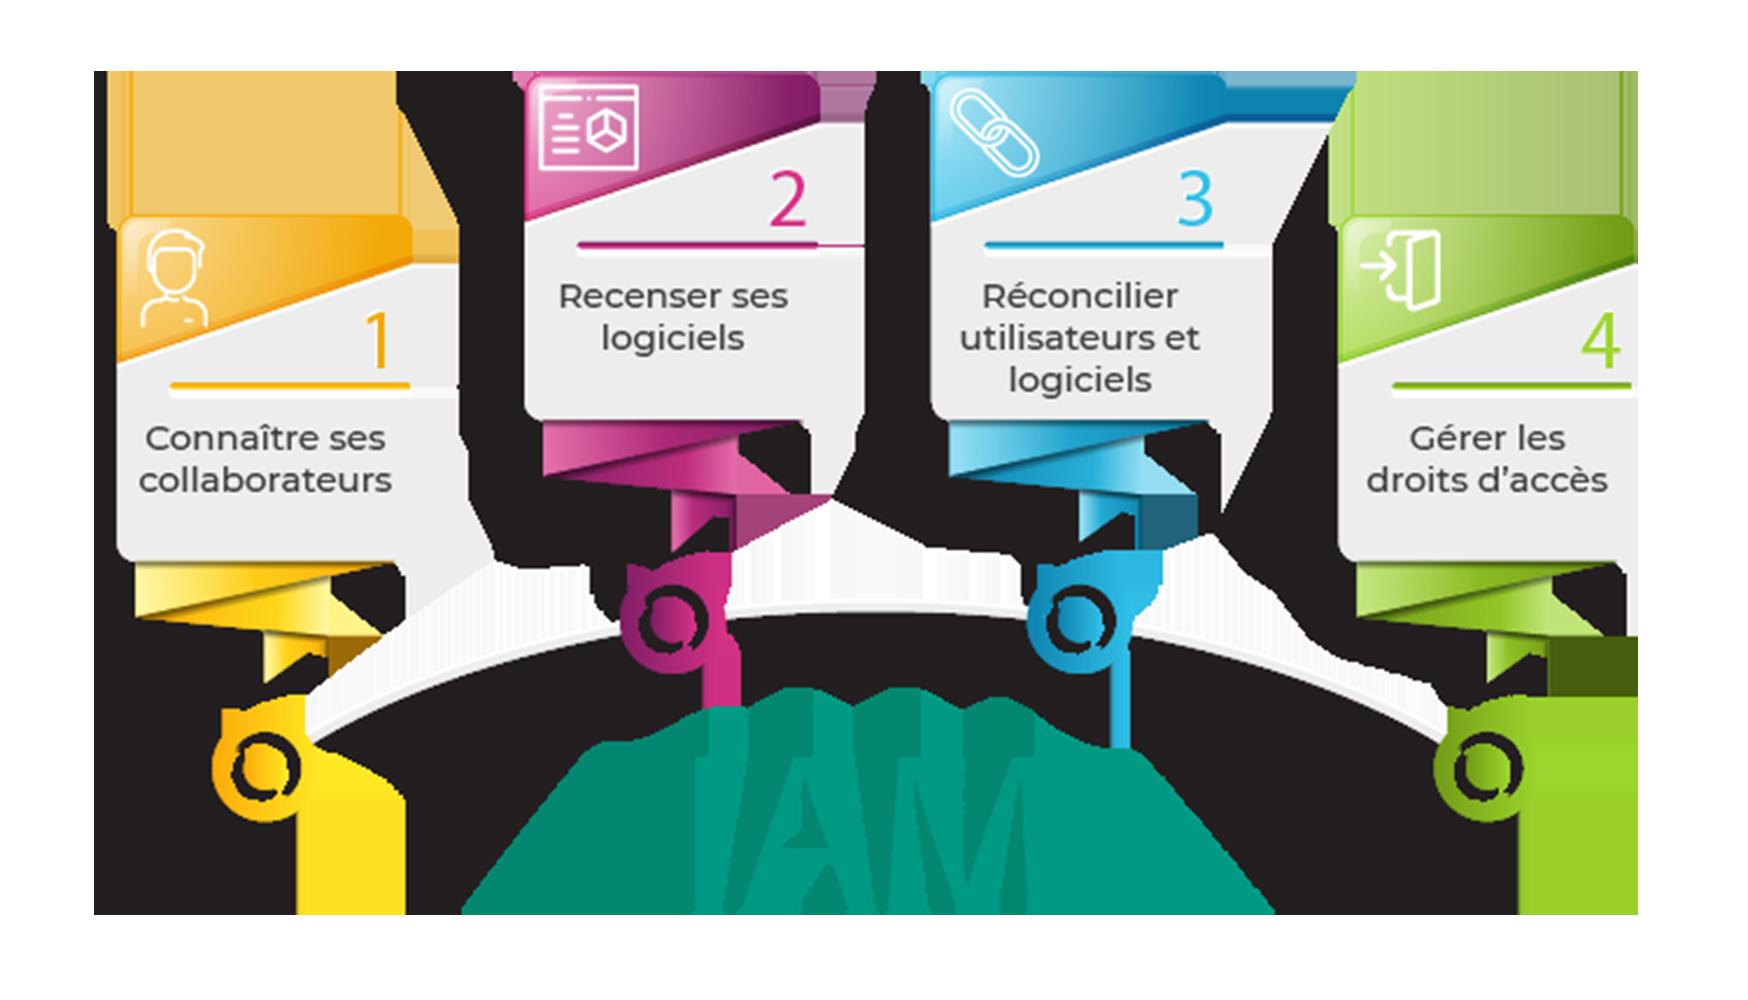 Les 4 étapes de la mise en place d'un IAM